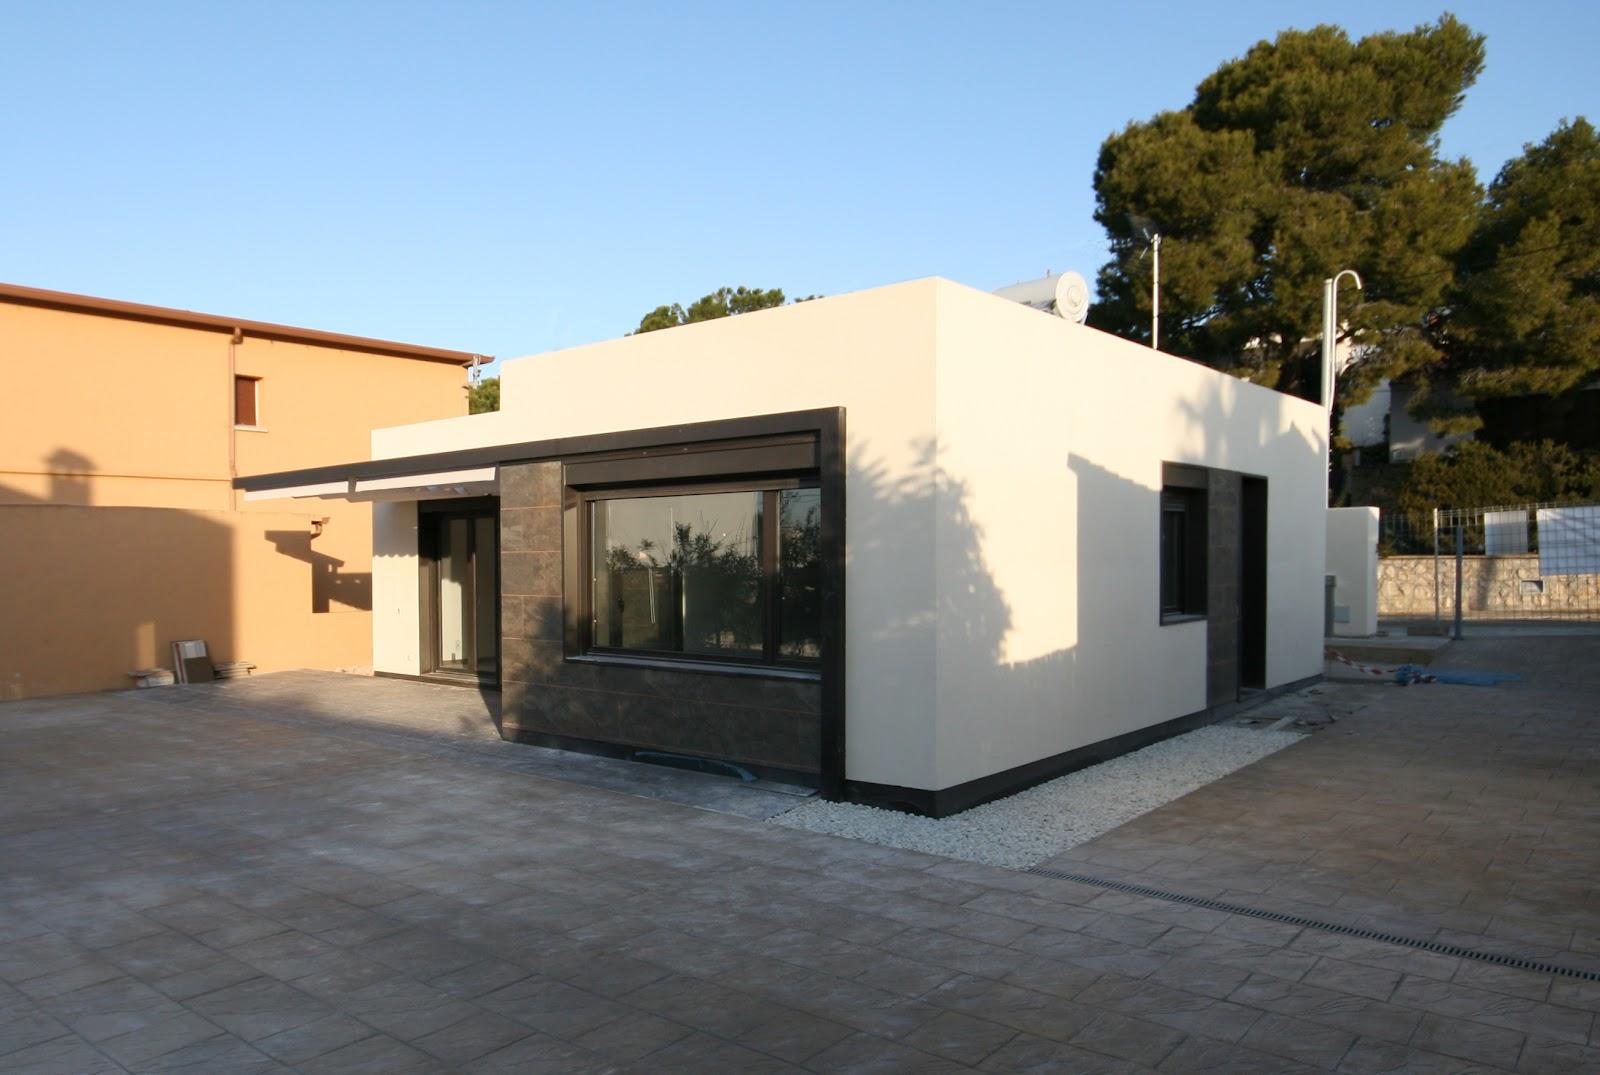 Casas modulares blochouse finalizadas las obras en calafell - Casas prefabricadas canarias ...